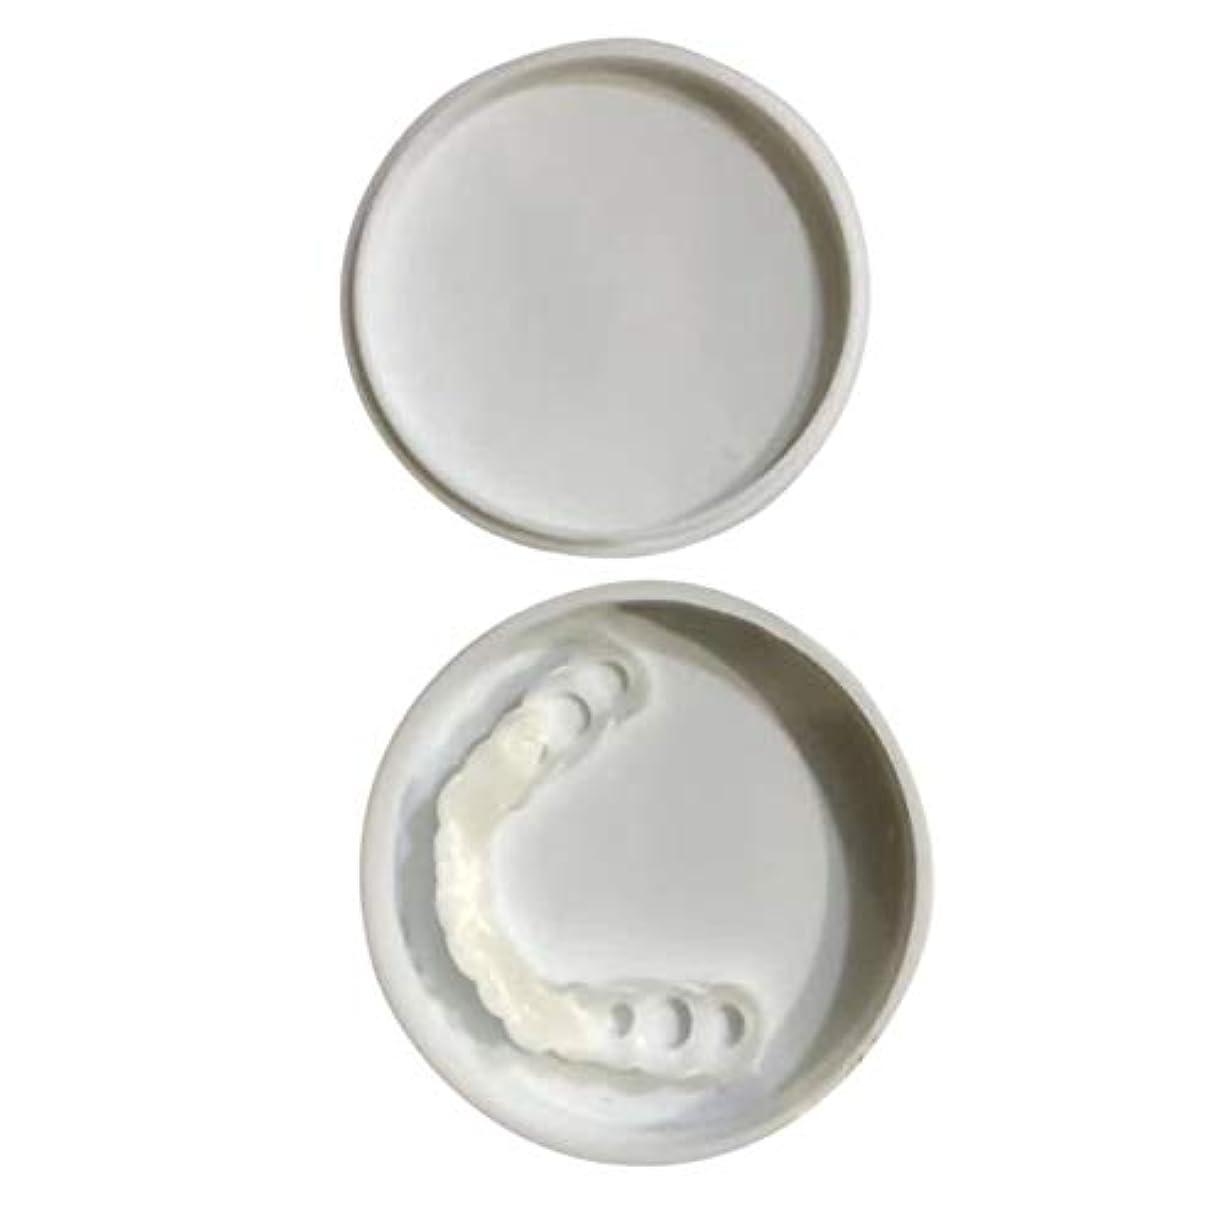 遺棄されたびん信号快適なスナップオン男性女性歯インスタントパーフェクトスマイルコンフォートフィットフレックス歯フィットホワイトニング笑顔偽歯カバー - ホワイト